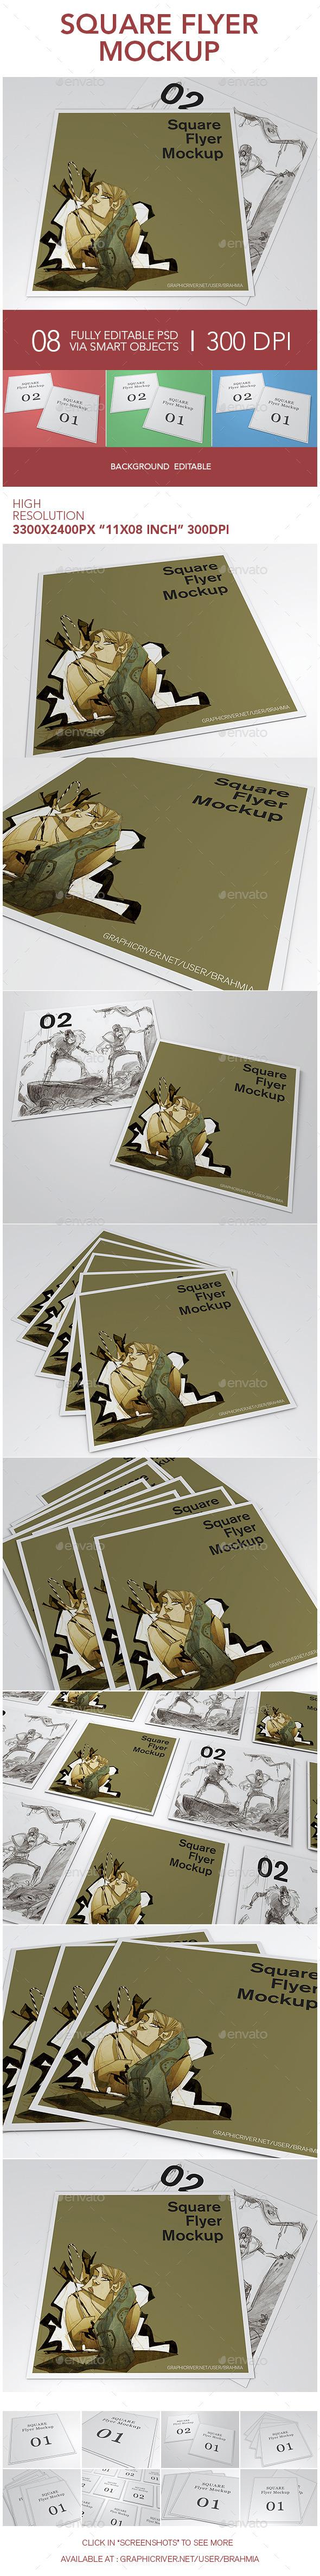 GraphicRiver Square Flyer Mockup 11871106